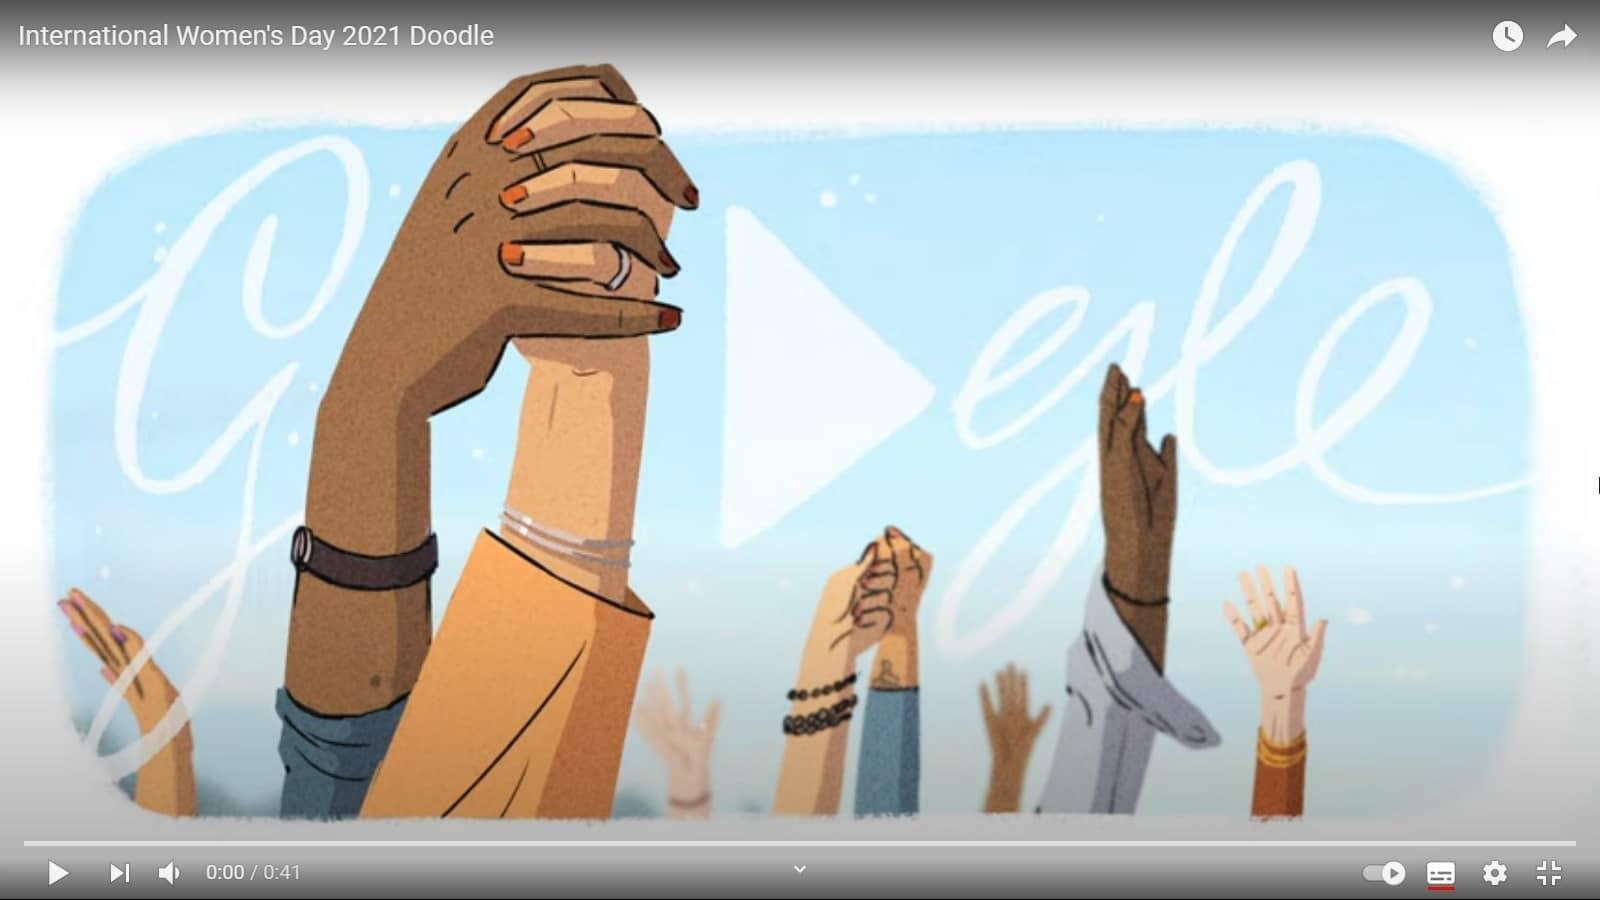 Doodle Google journée internationale des droits des femmes 2021